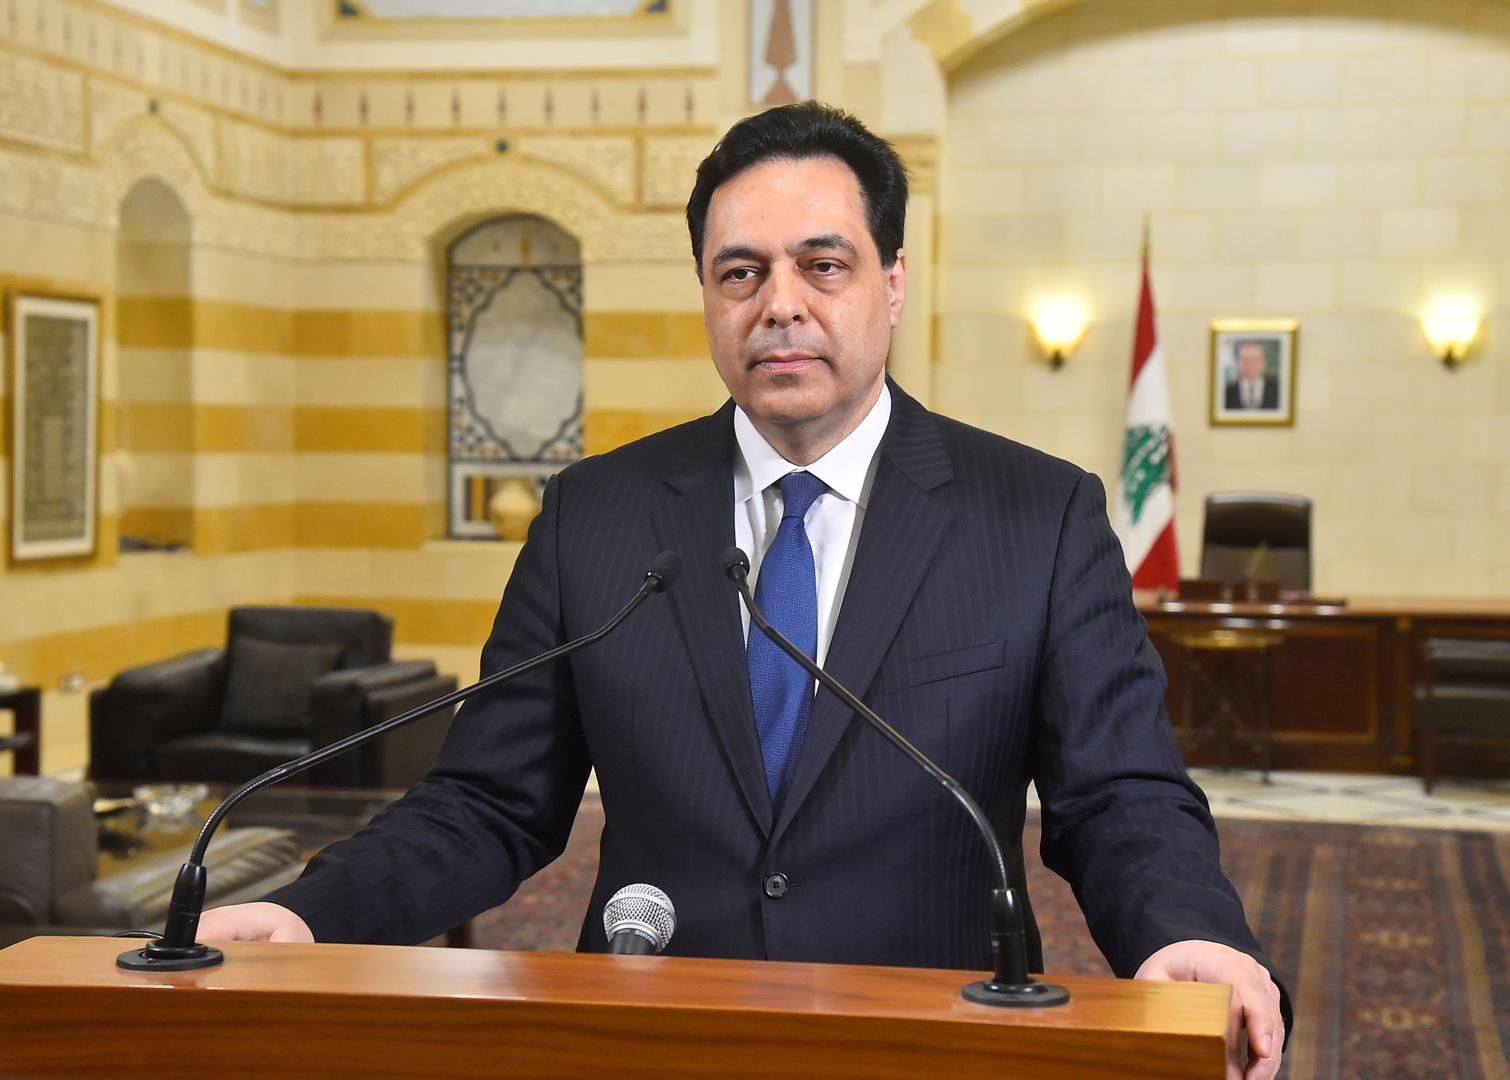 دياب: ربط مساعدة لبنان بتشكيل الحكومة يشكل خطرا على حياة اللبنانيين والكيان اللبناني